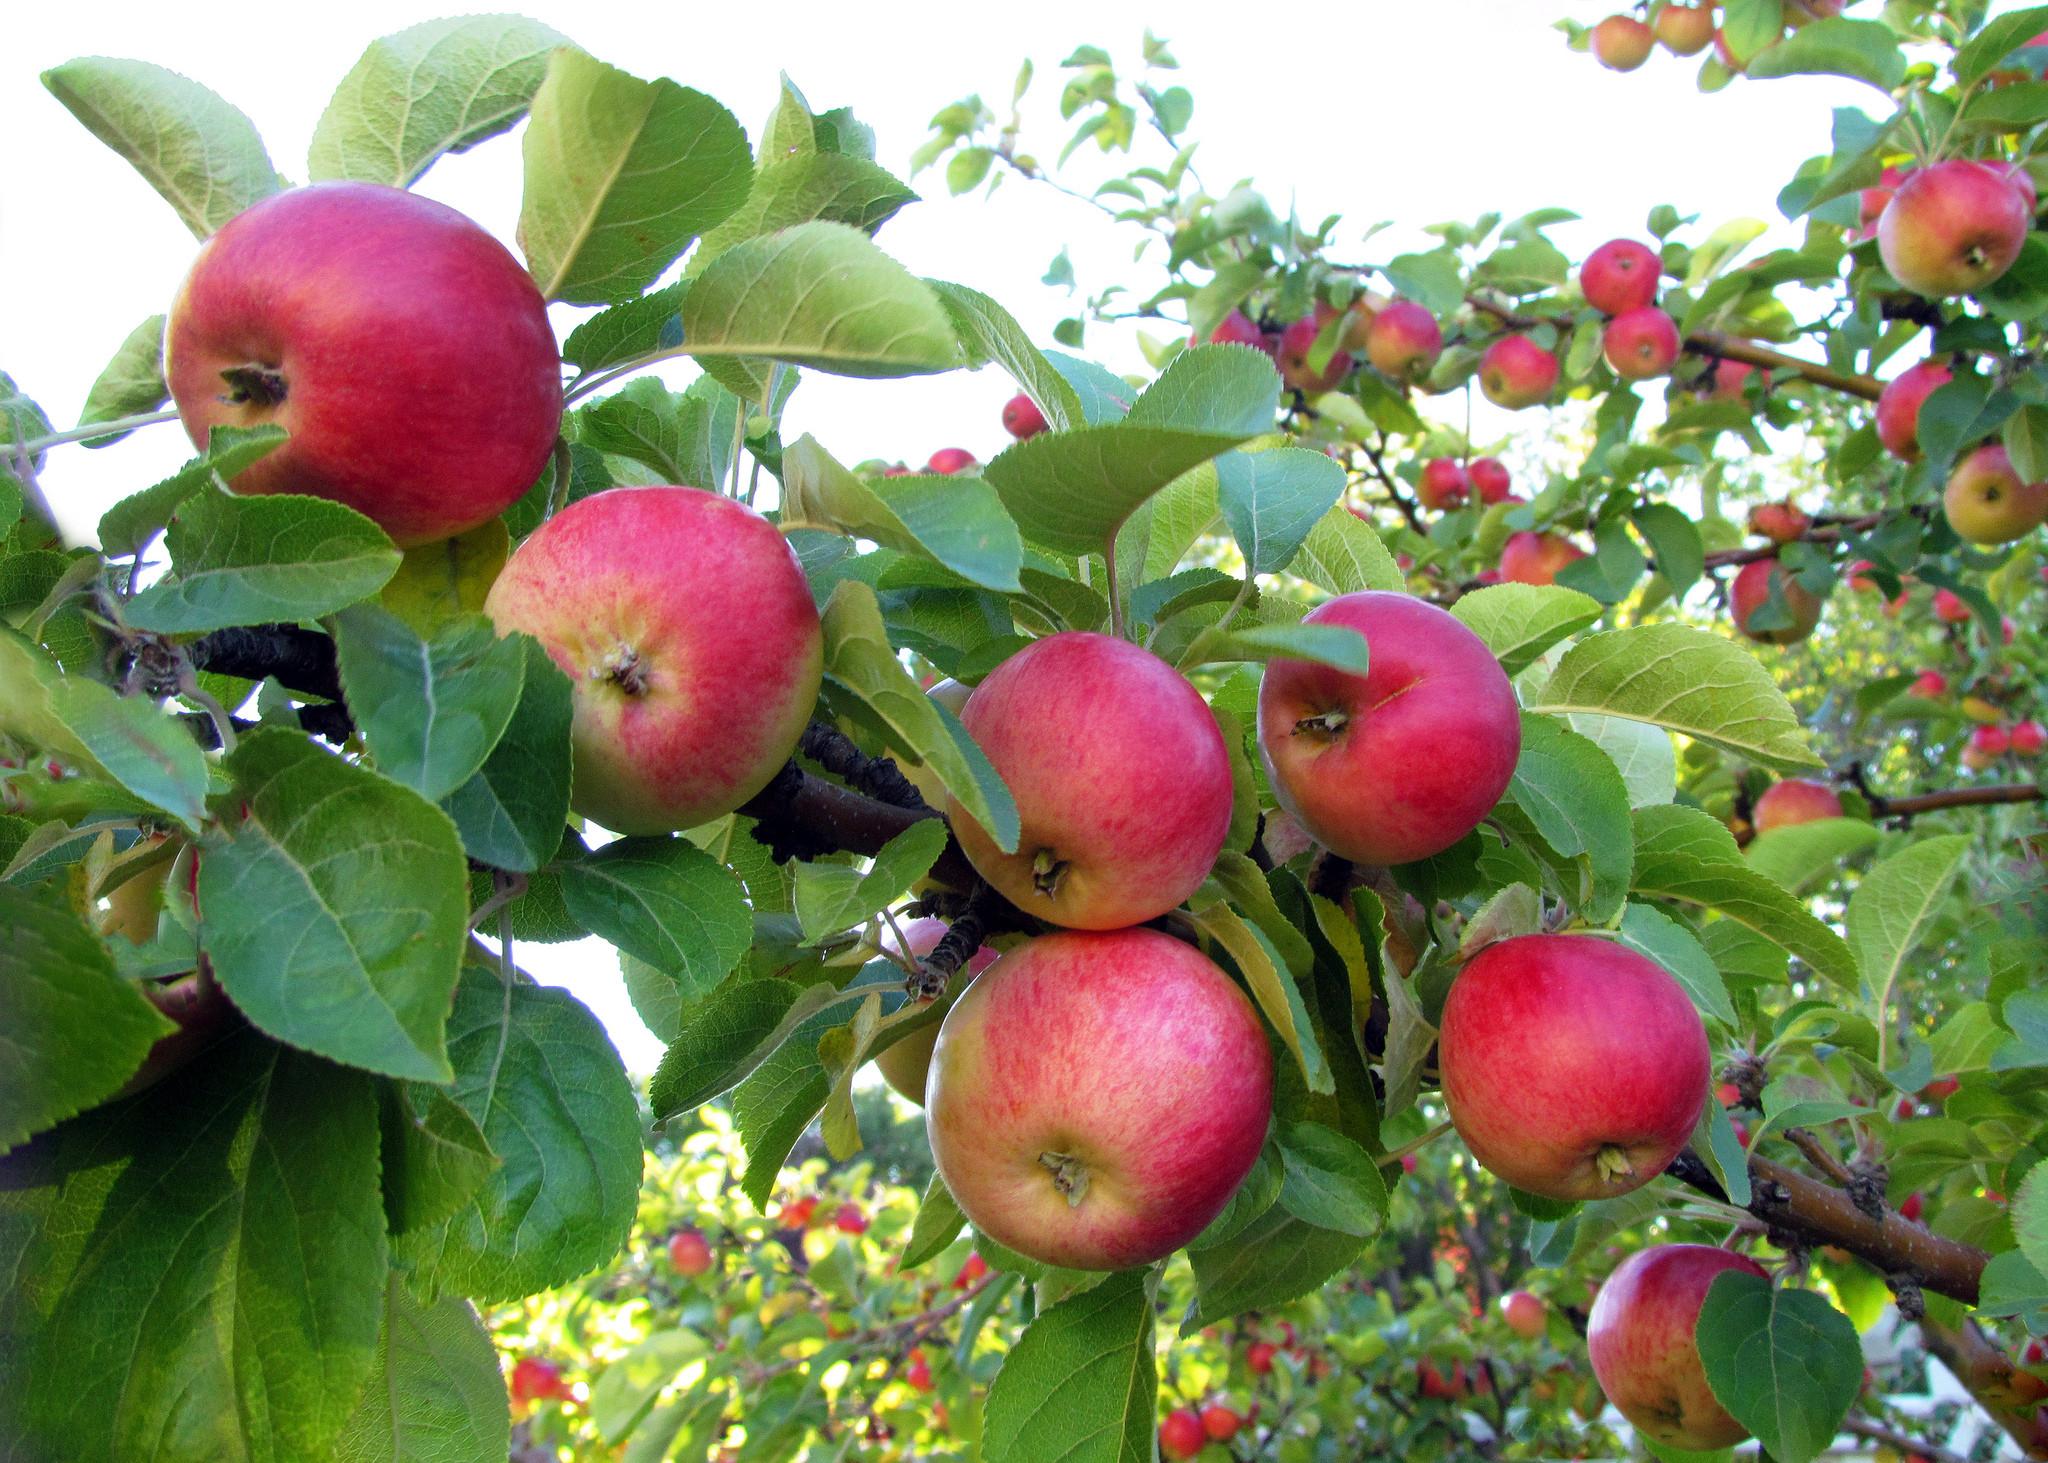 обои яблоня, яблоки, ветки, листья картинки фото